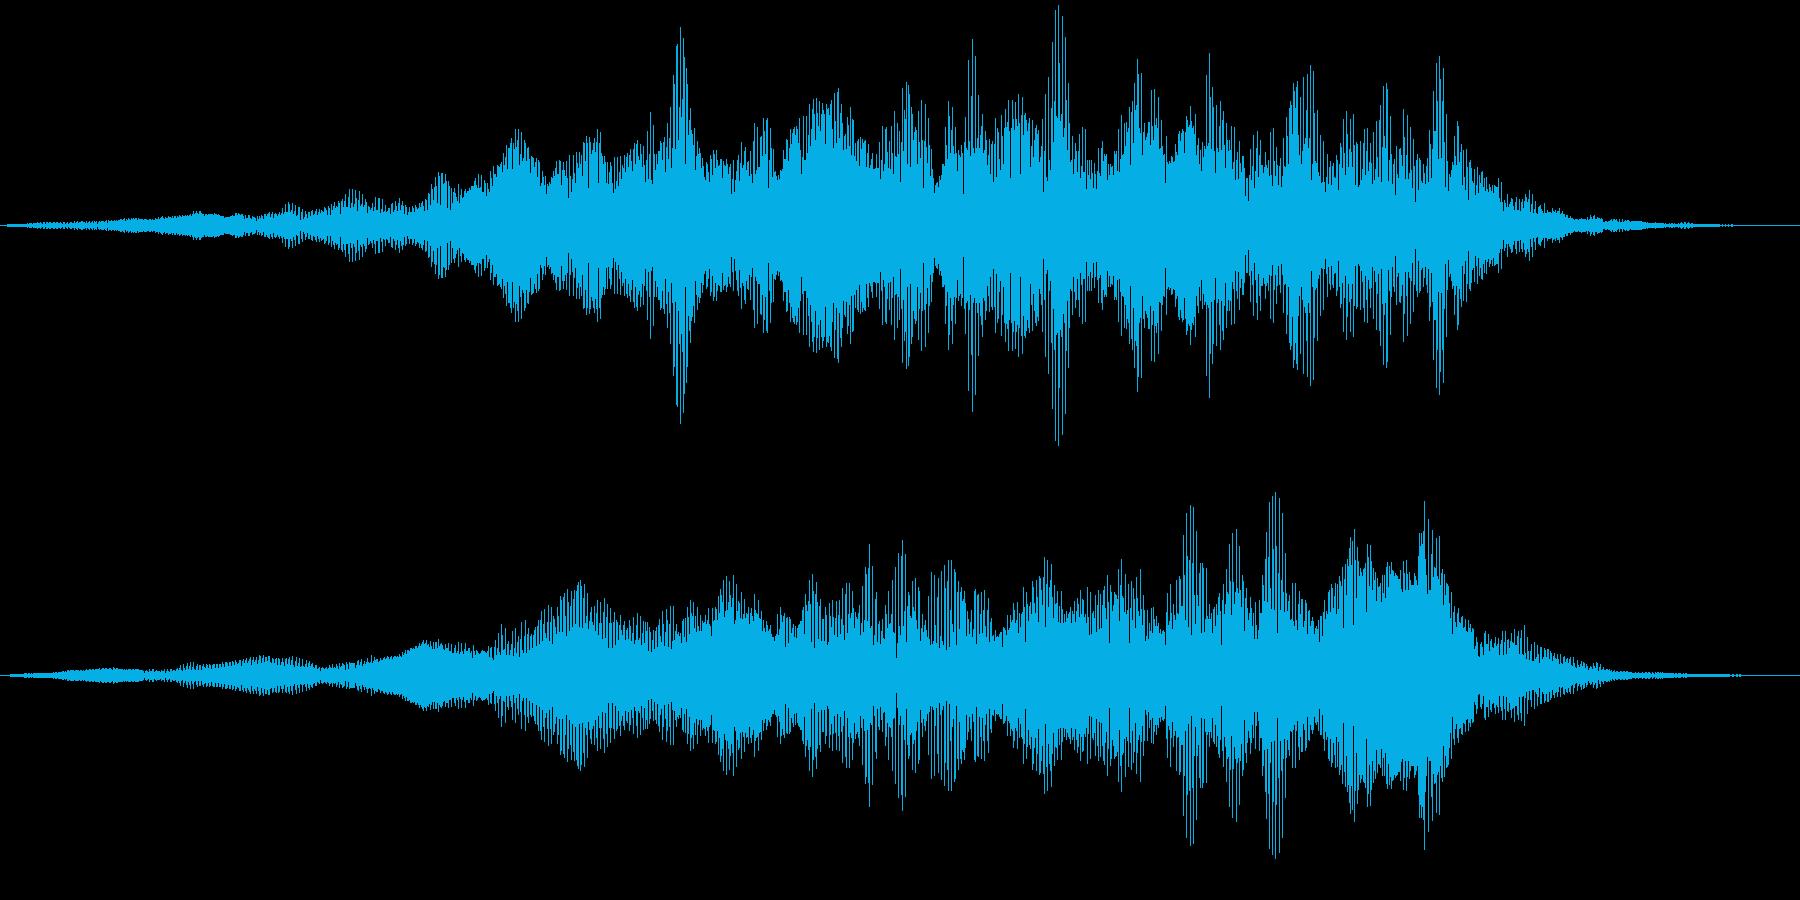 【ダークアンビエント】嫌な空気の再生済みの波形